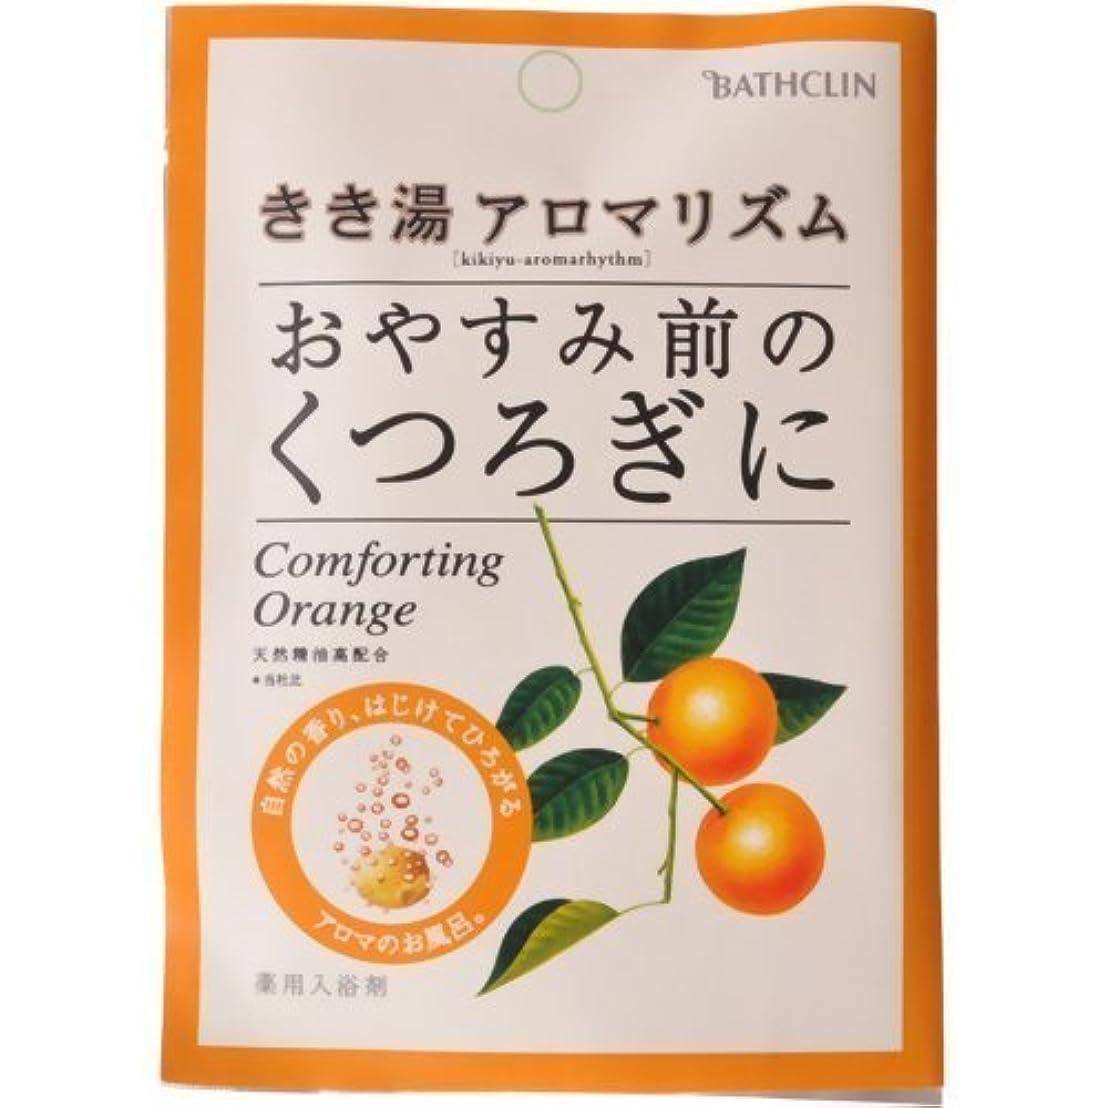 ますます破壊するフックきき湯 アロマリズム コンフォーティングの香り 30g